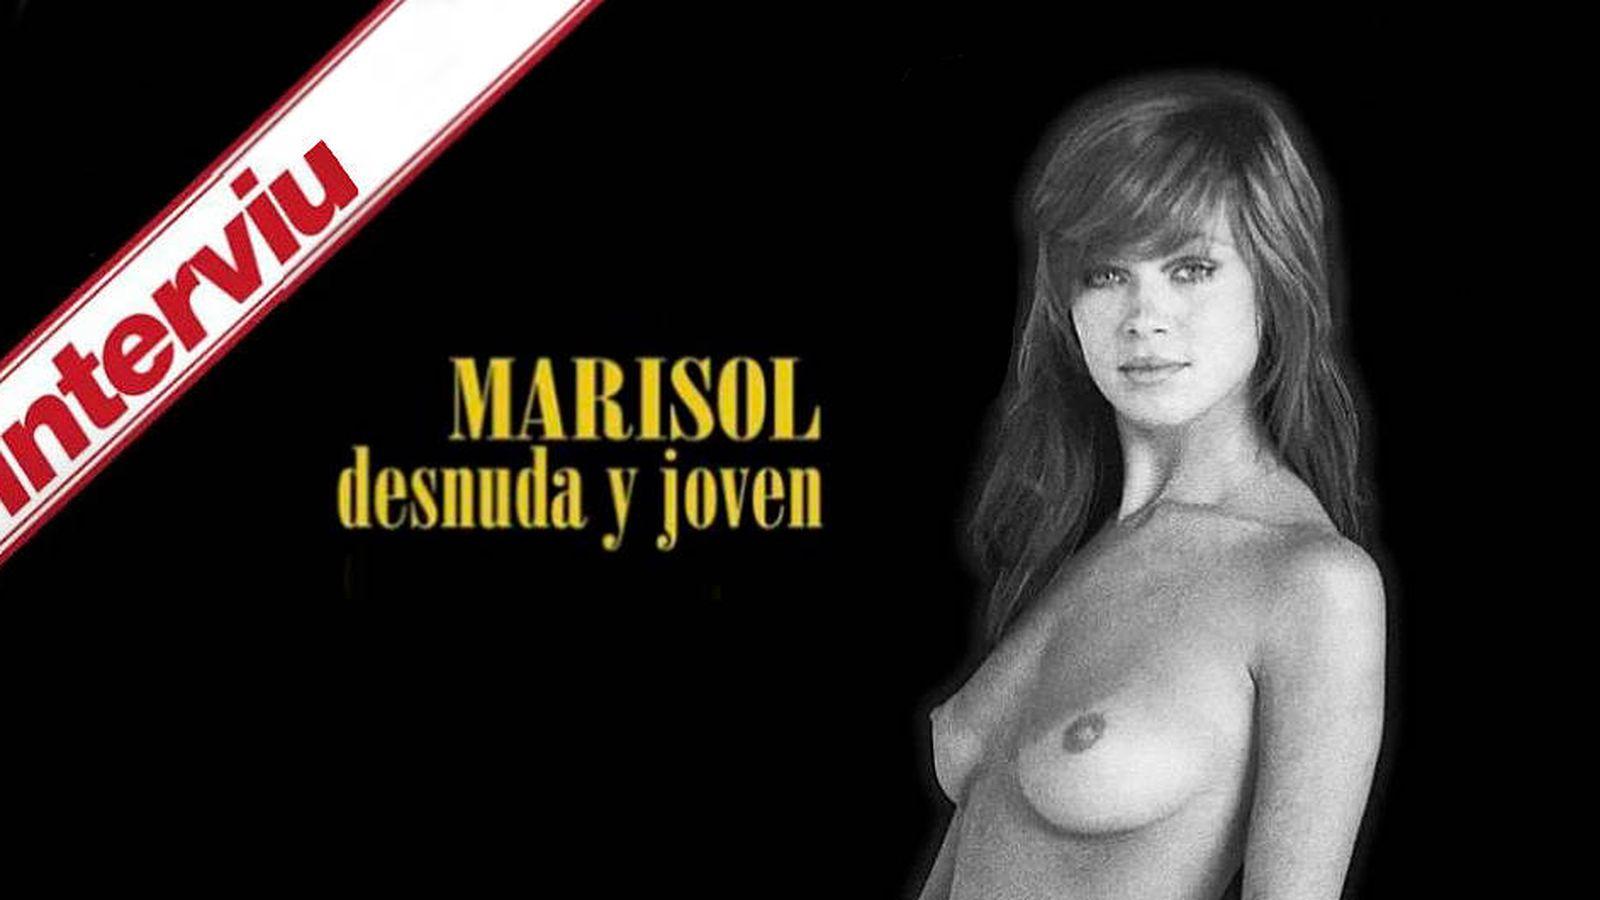 Foto: La portada de Marisol (septiembre, 1976) es la más emblemática de la historia de 'Interviú'.